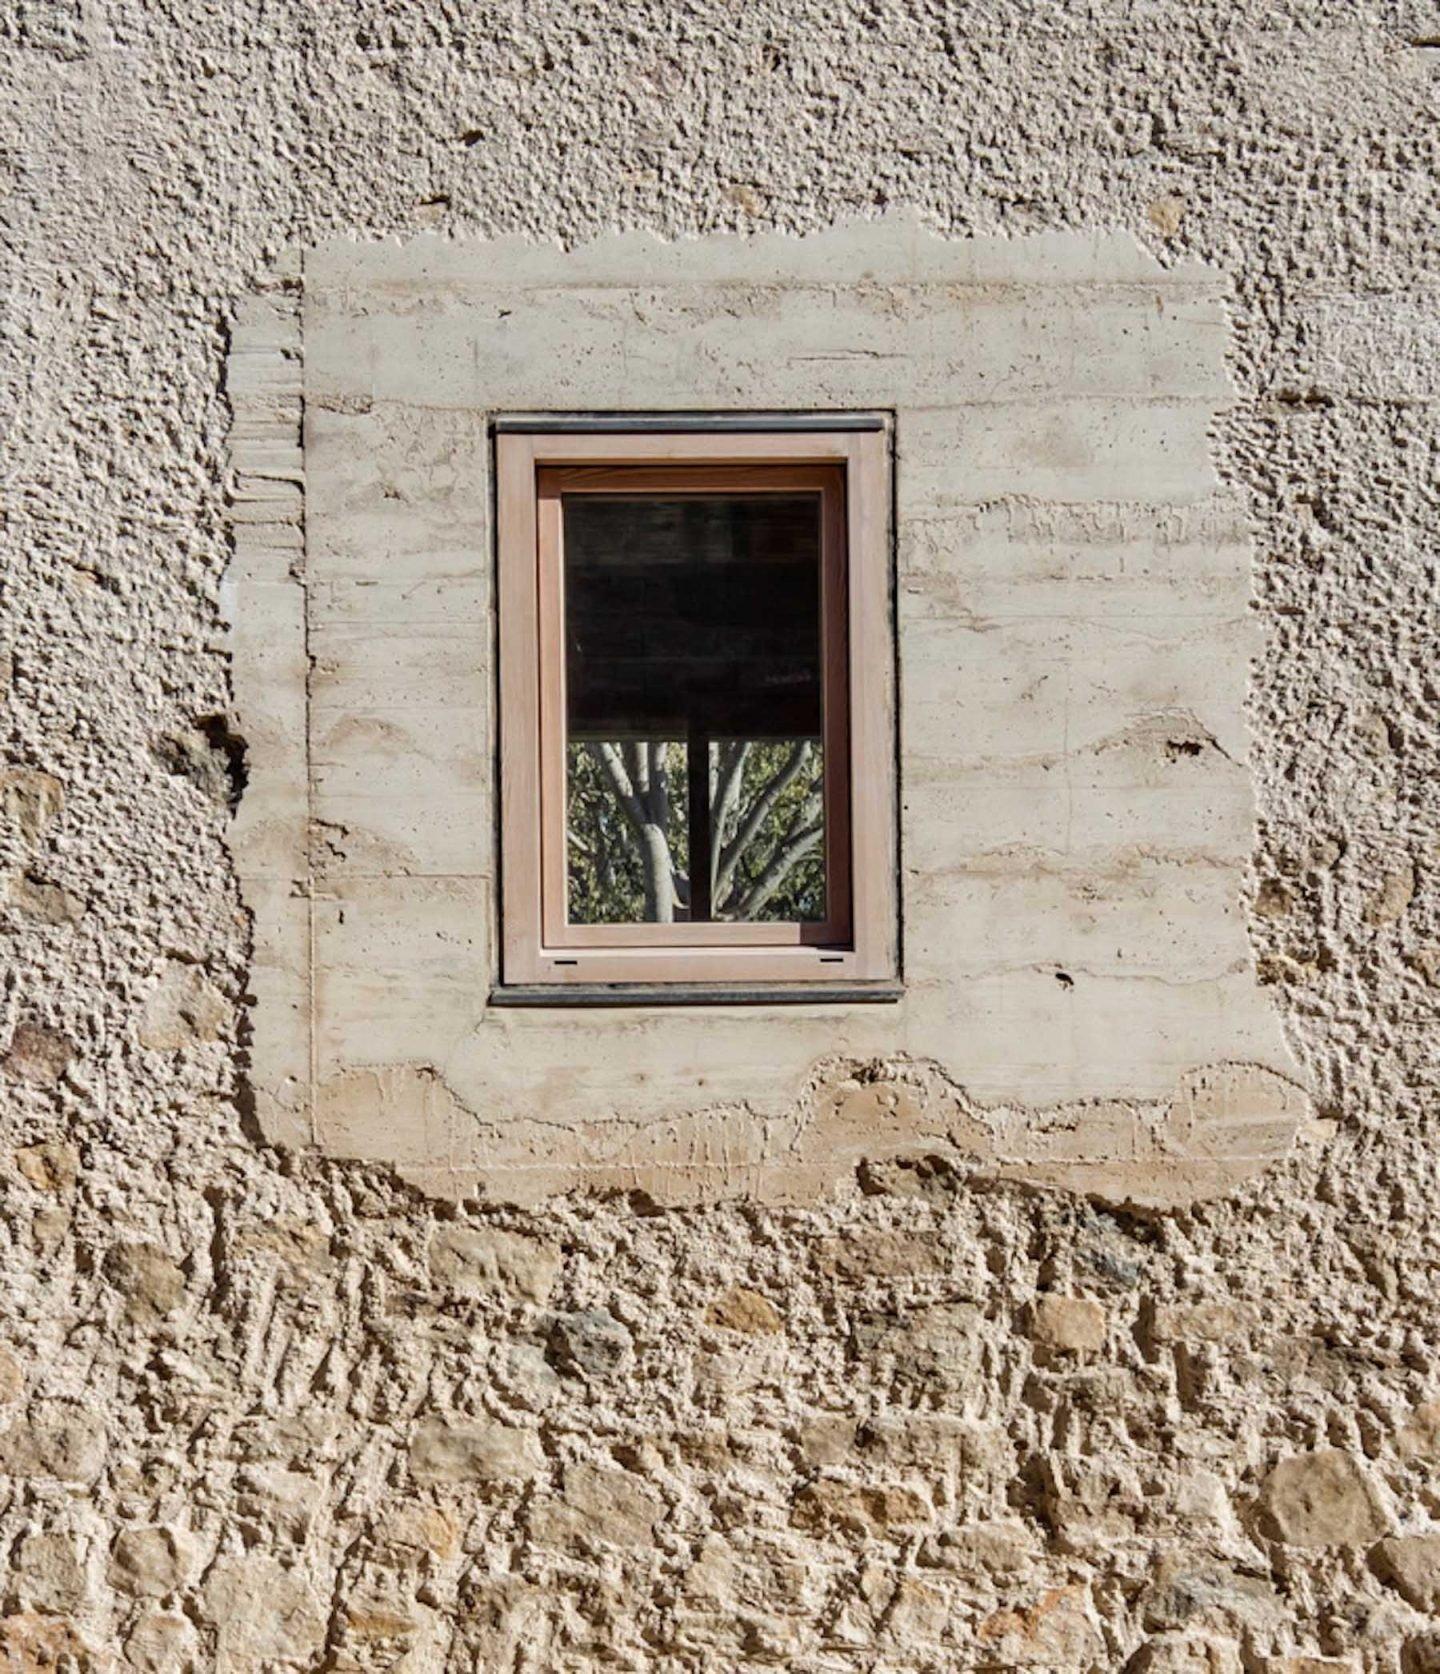 iGNANT-Architecture-Harquitectes-1413-House-12